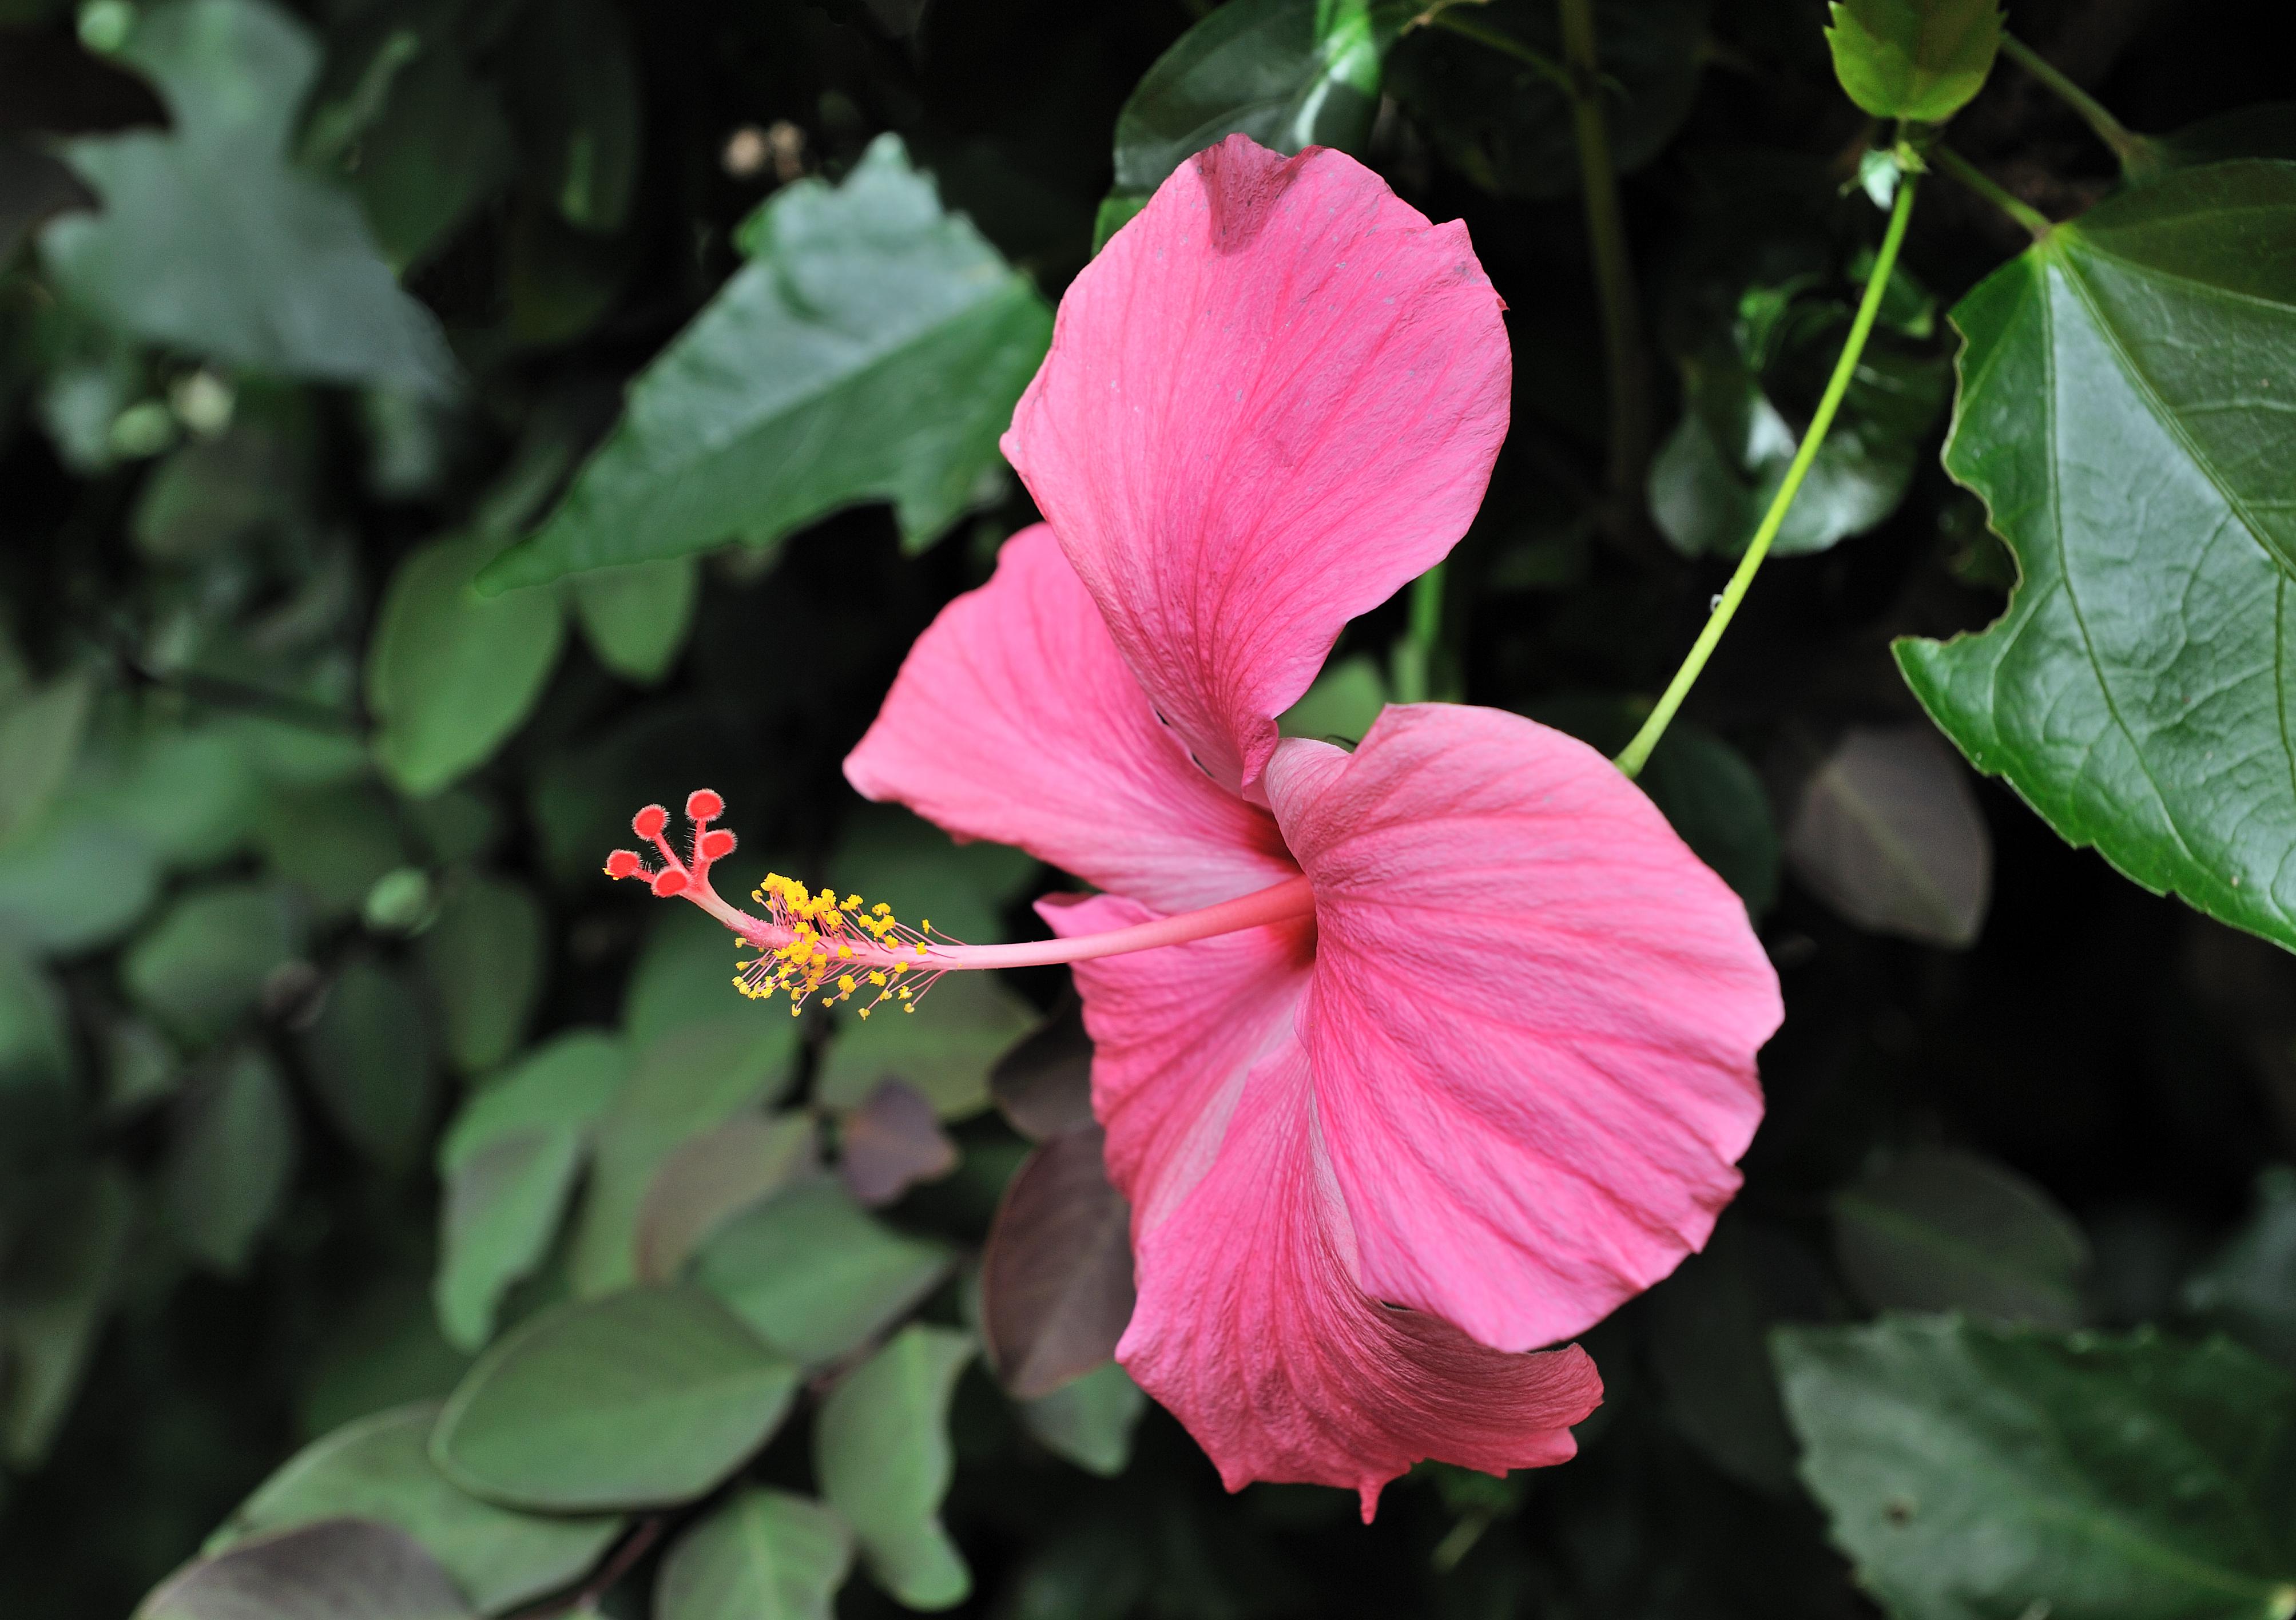 Filehibiscus rosa sinensis santiago cape verdeg wikimedia commons filehibiscus rosa sinensis santiago cape verdeg izmirmasajfo